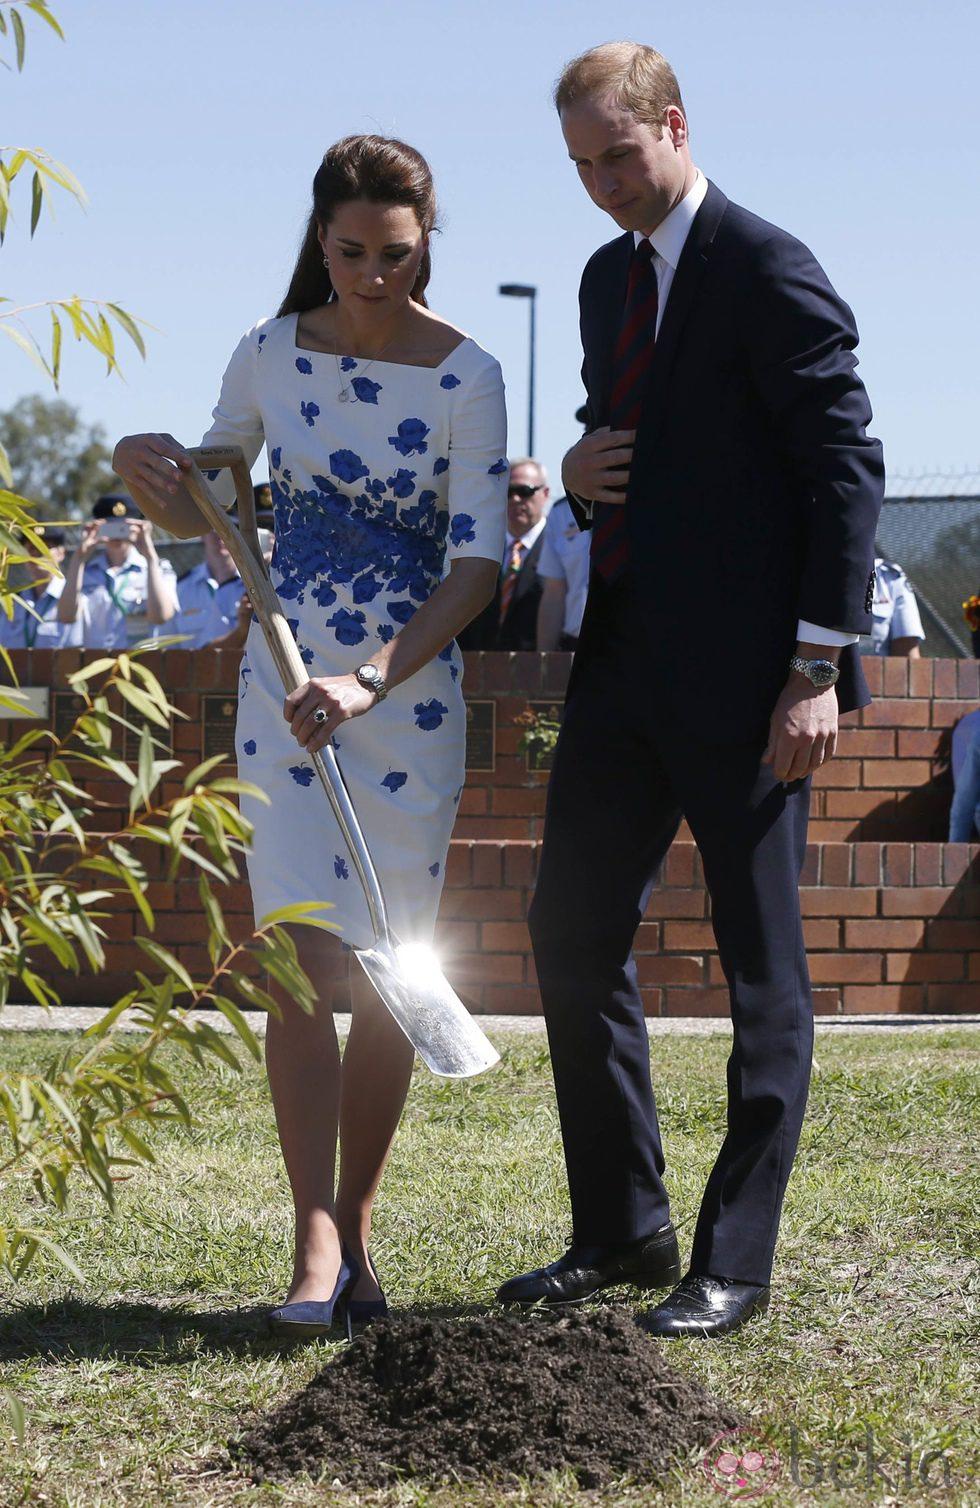 El Príncipe Guillermo y Kate Middleton plantando un árbol durante su visita a una base aéra en Australia